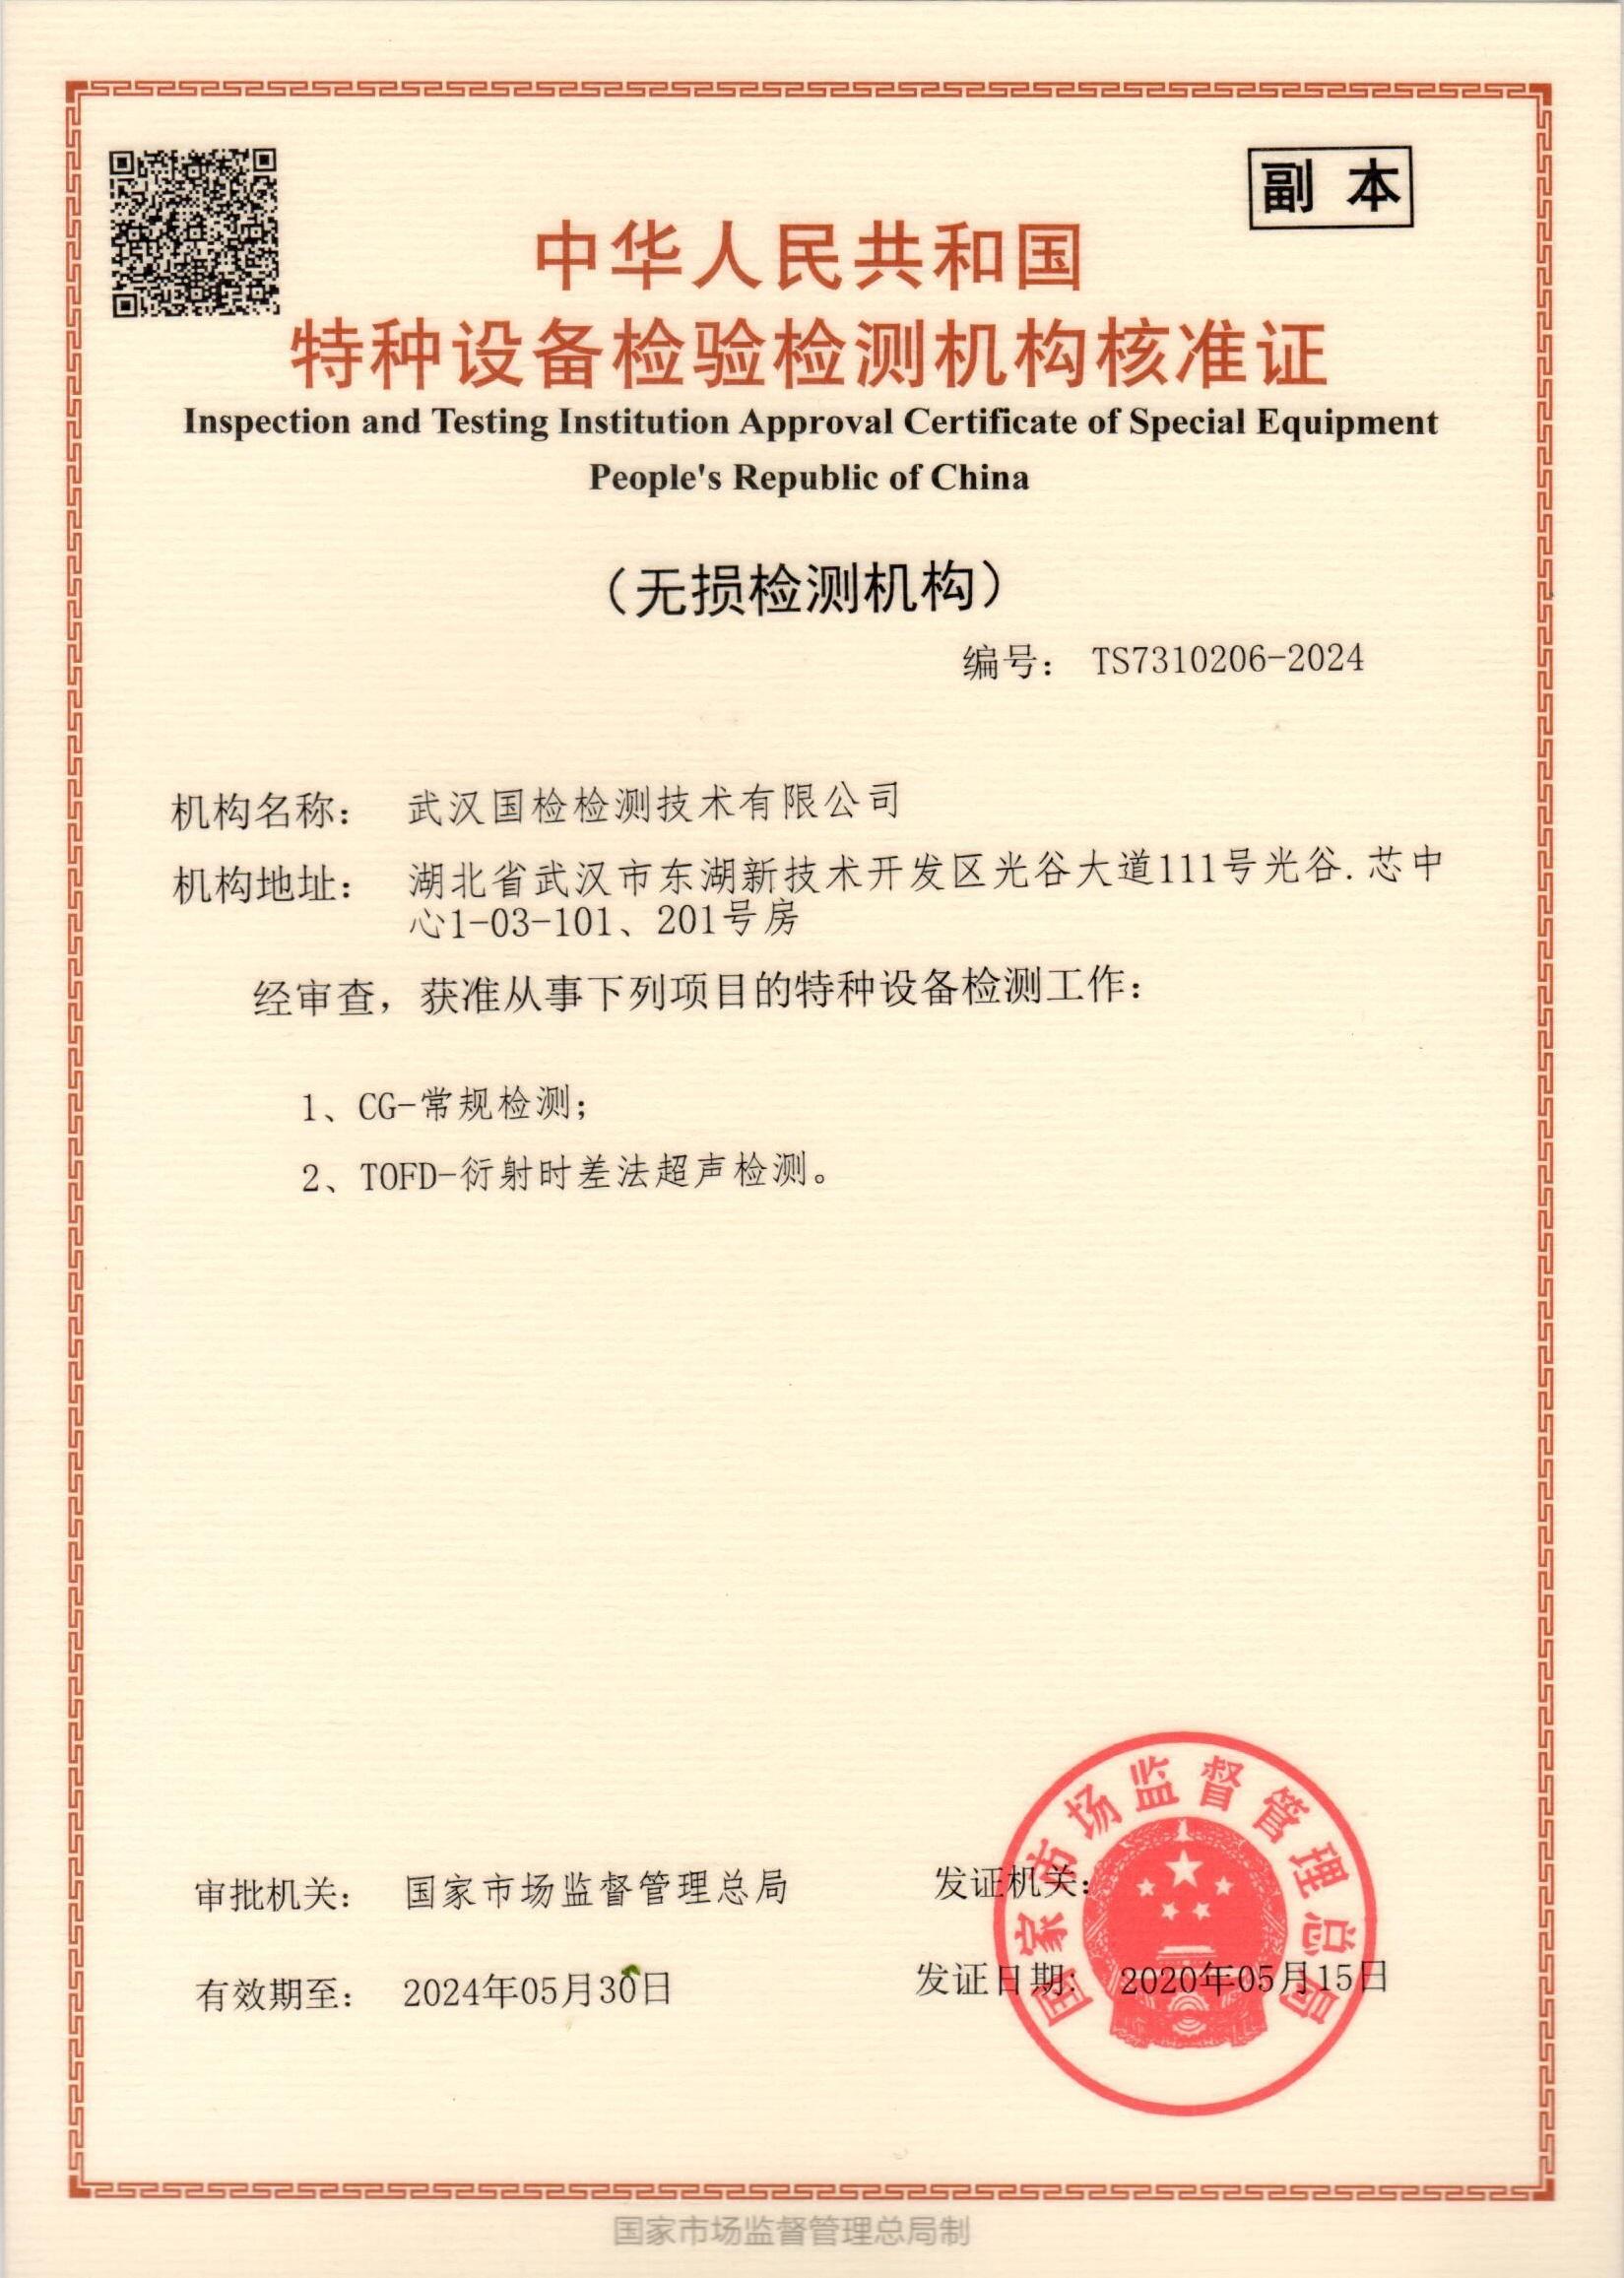 武漢國檢特種設備(bei)檢驗檢測機構(gou)核(he)準證